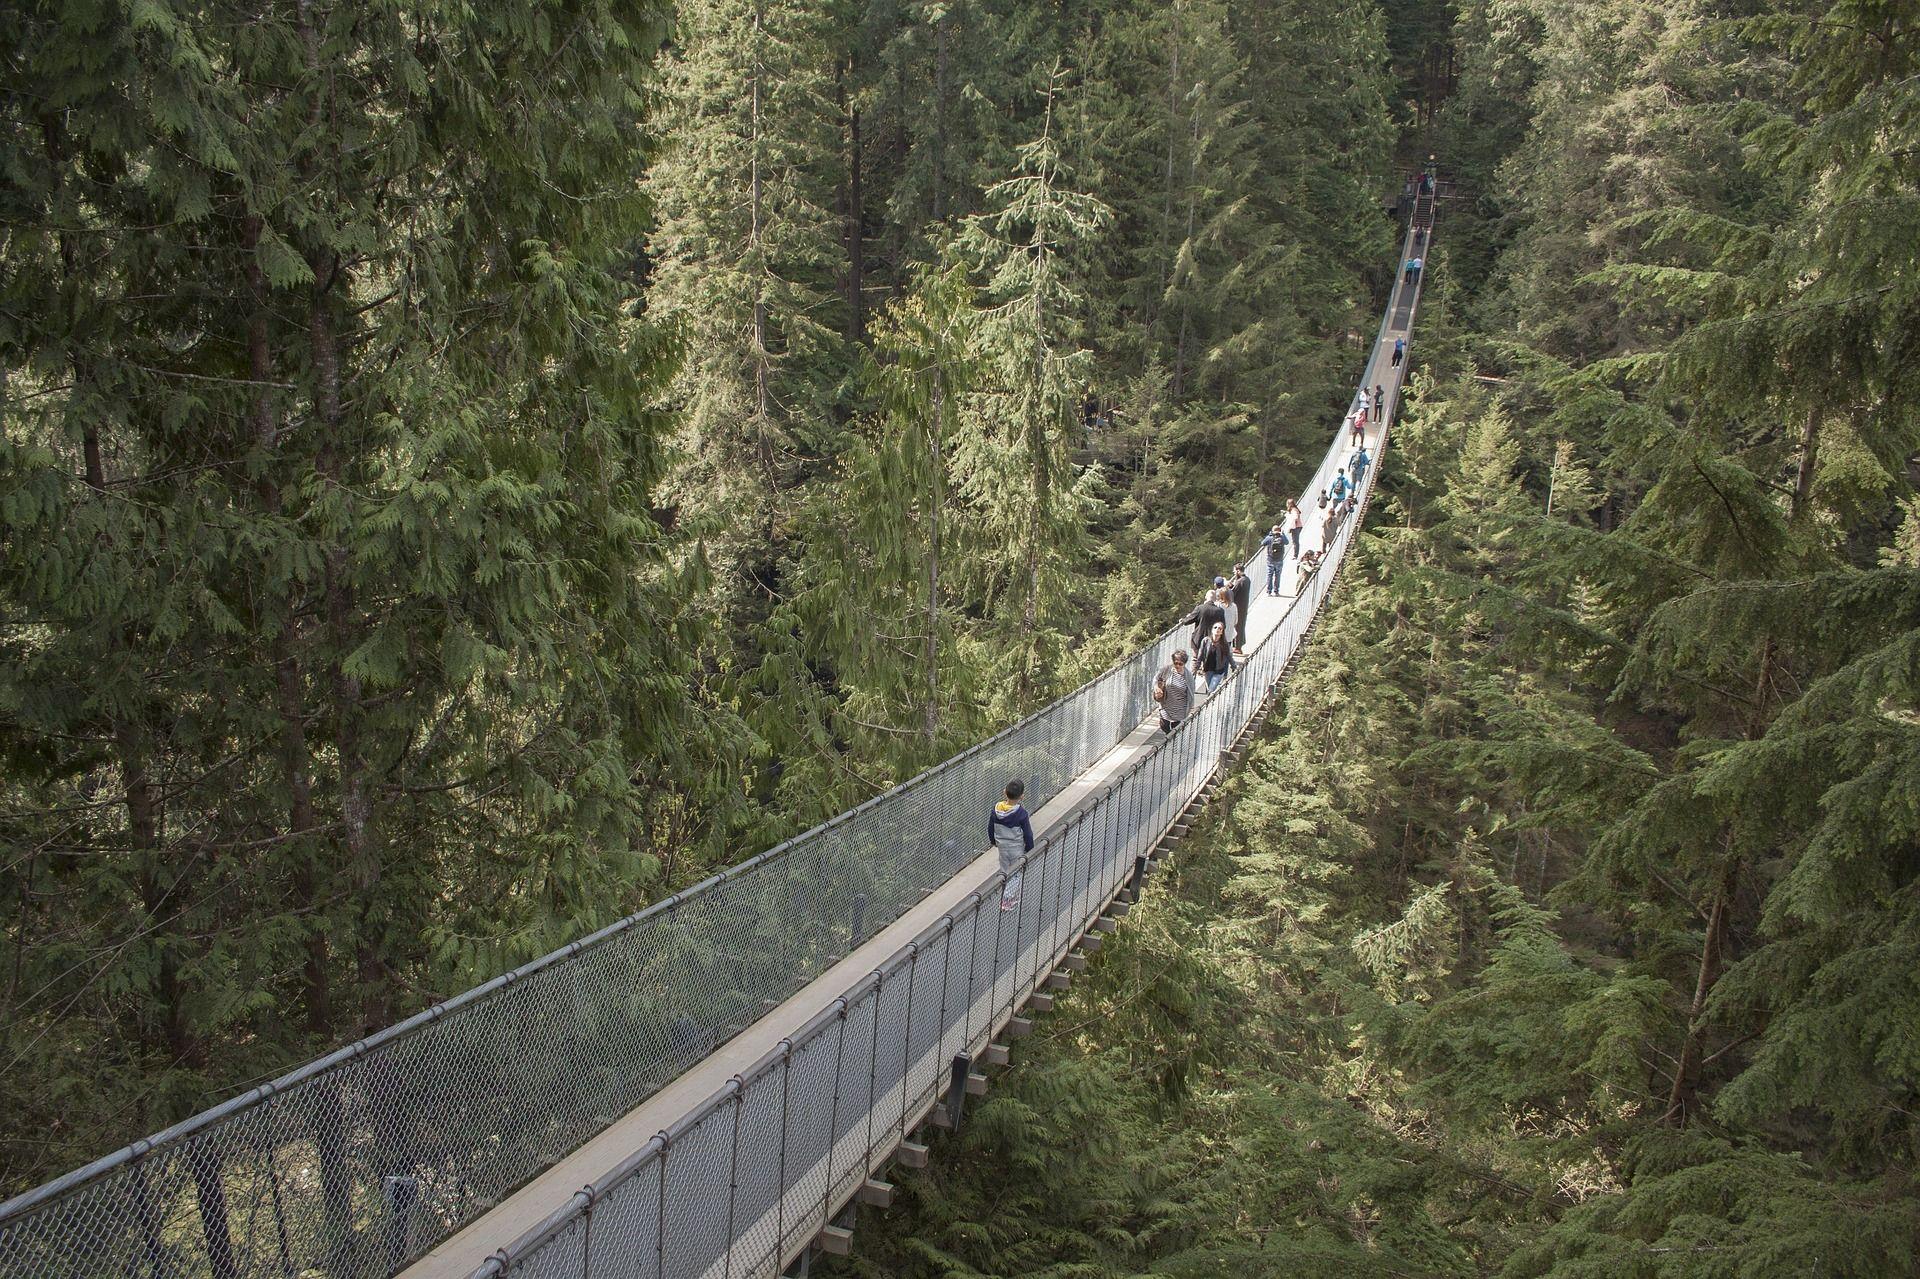 capilano-suspension-bridge-1393076_1920